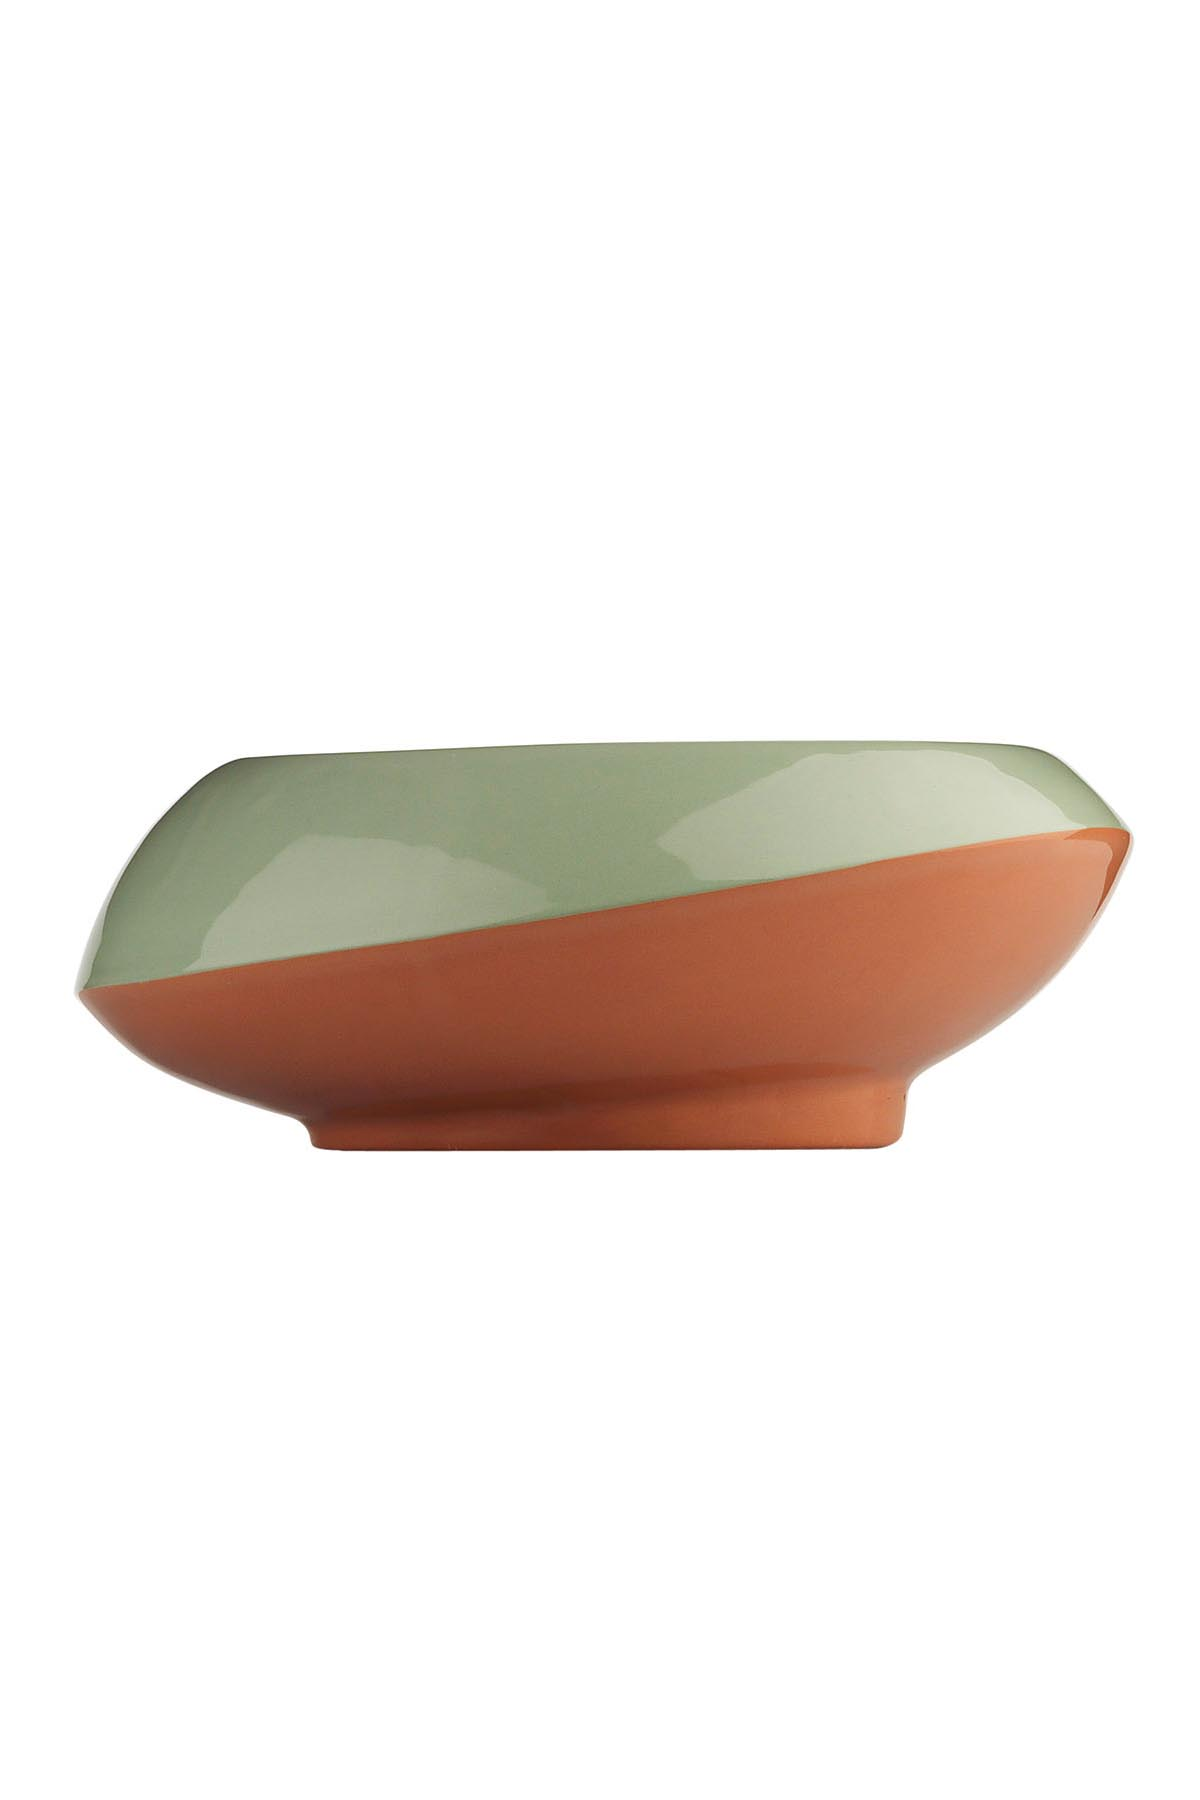 Kütahya Porselen - Aura 16 Cm Kase 3 Renk Kırmızı-Yeşil-Siyah